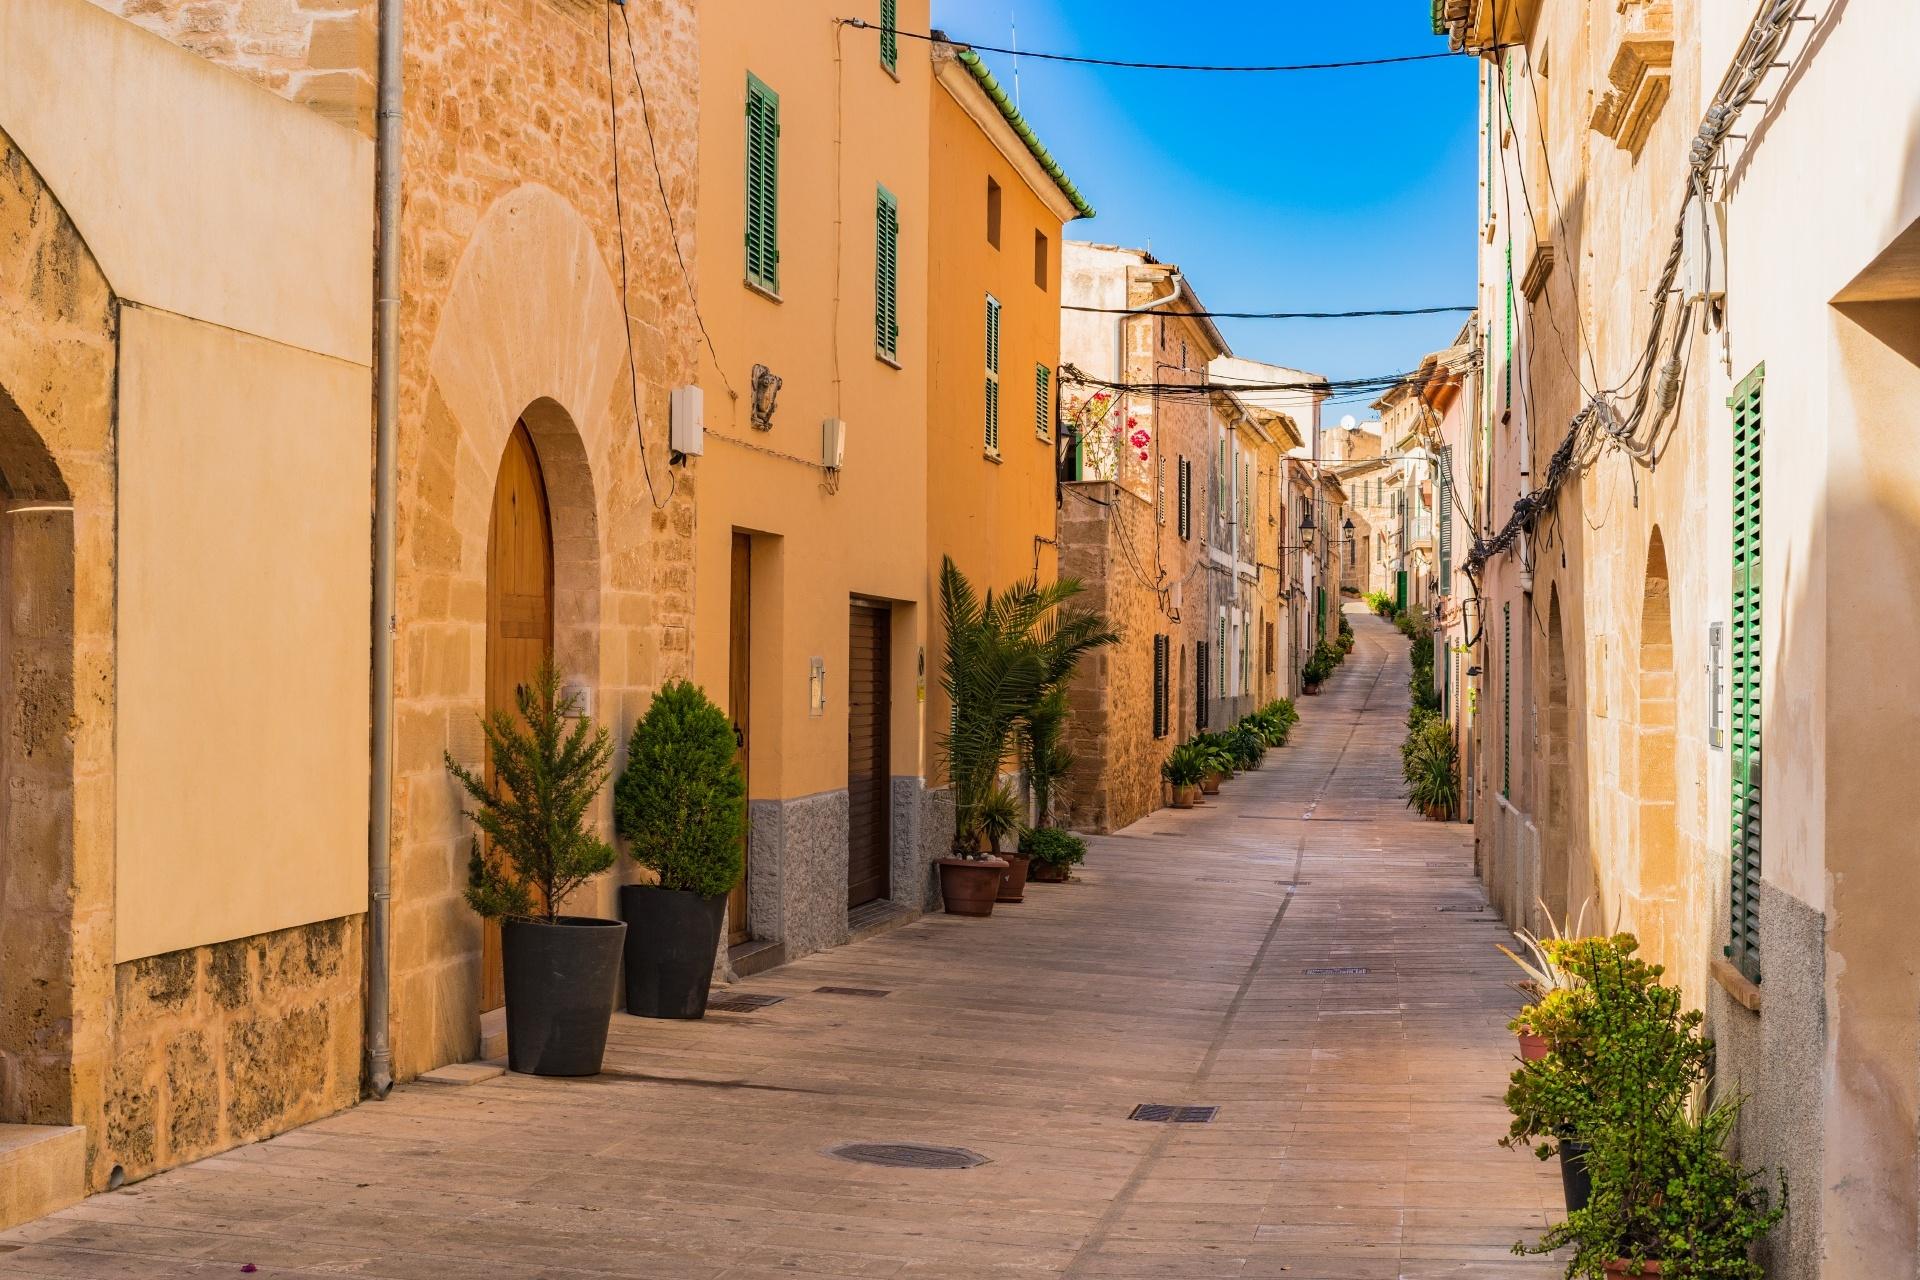 アルクーディアの旧市街の風景 スペインの風景